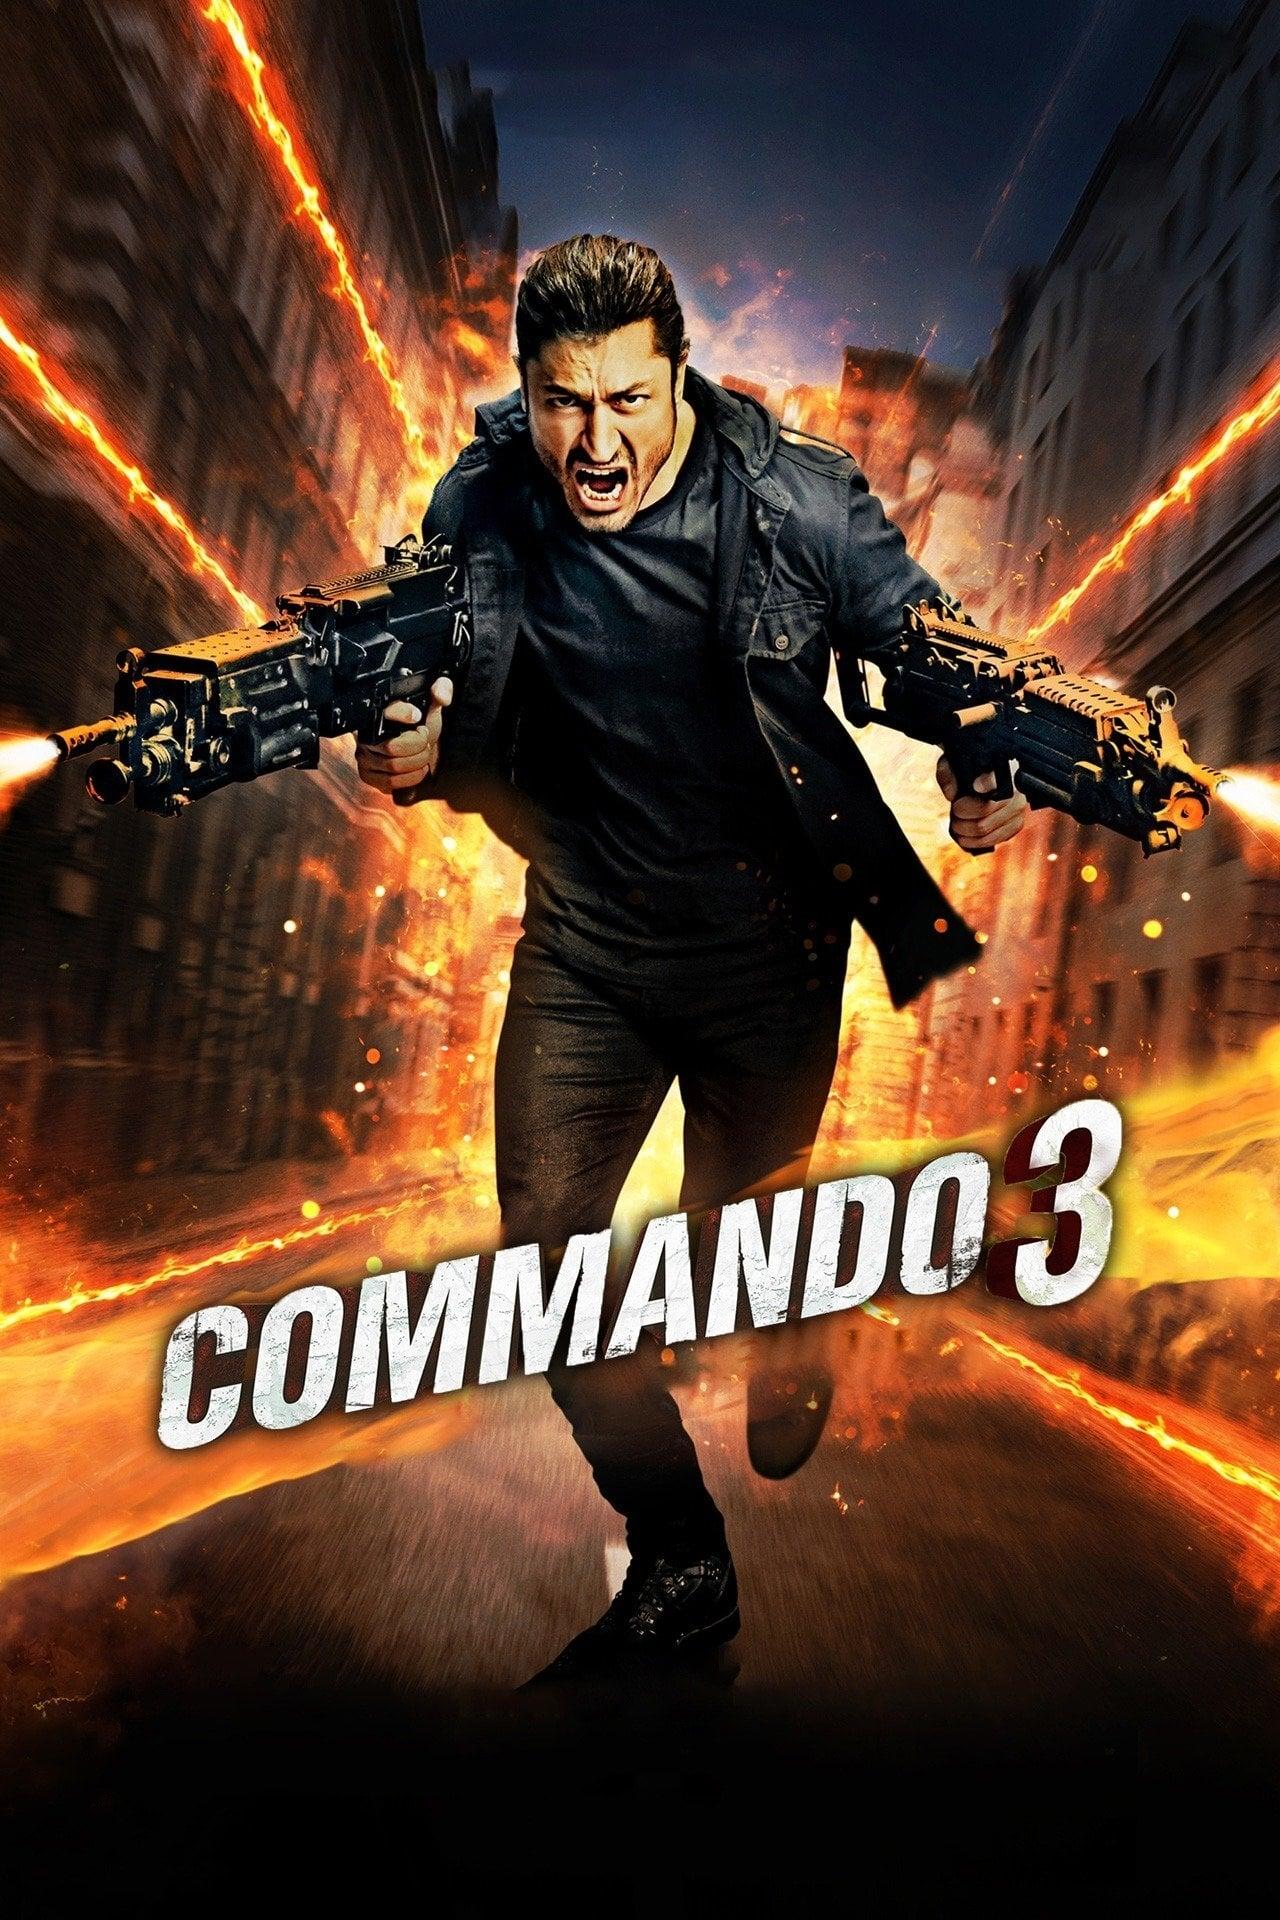 دانلود فیلمCommando 3 2019 با دوبله فارسی